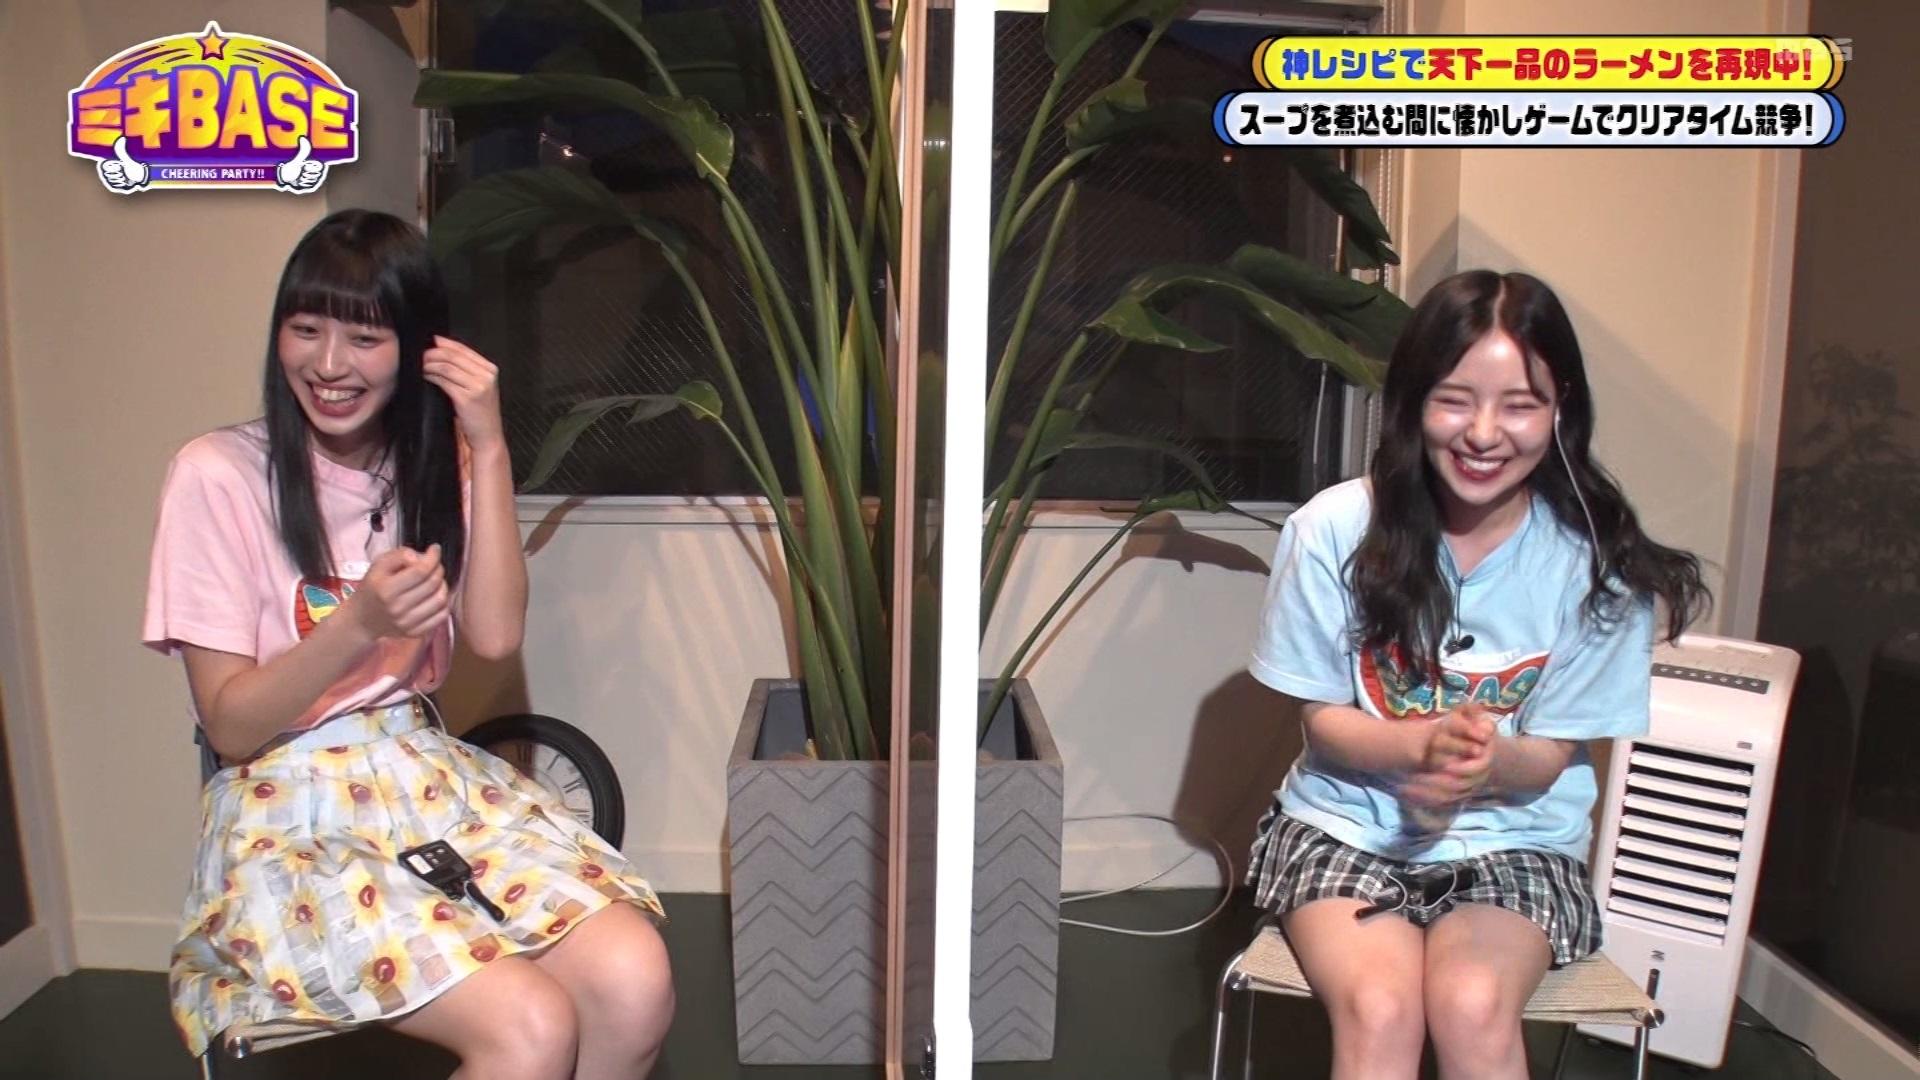 【村瀬紗英】さえぴぃ出演 7月29日に放送された「ミキBASE」#18の画像